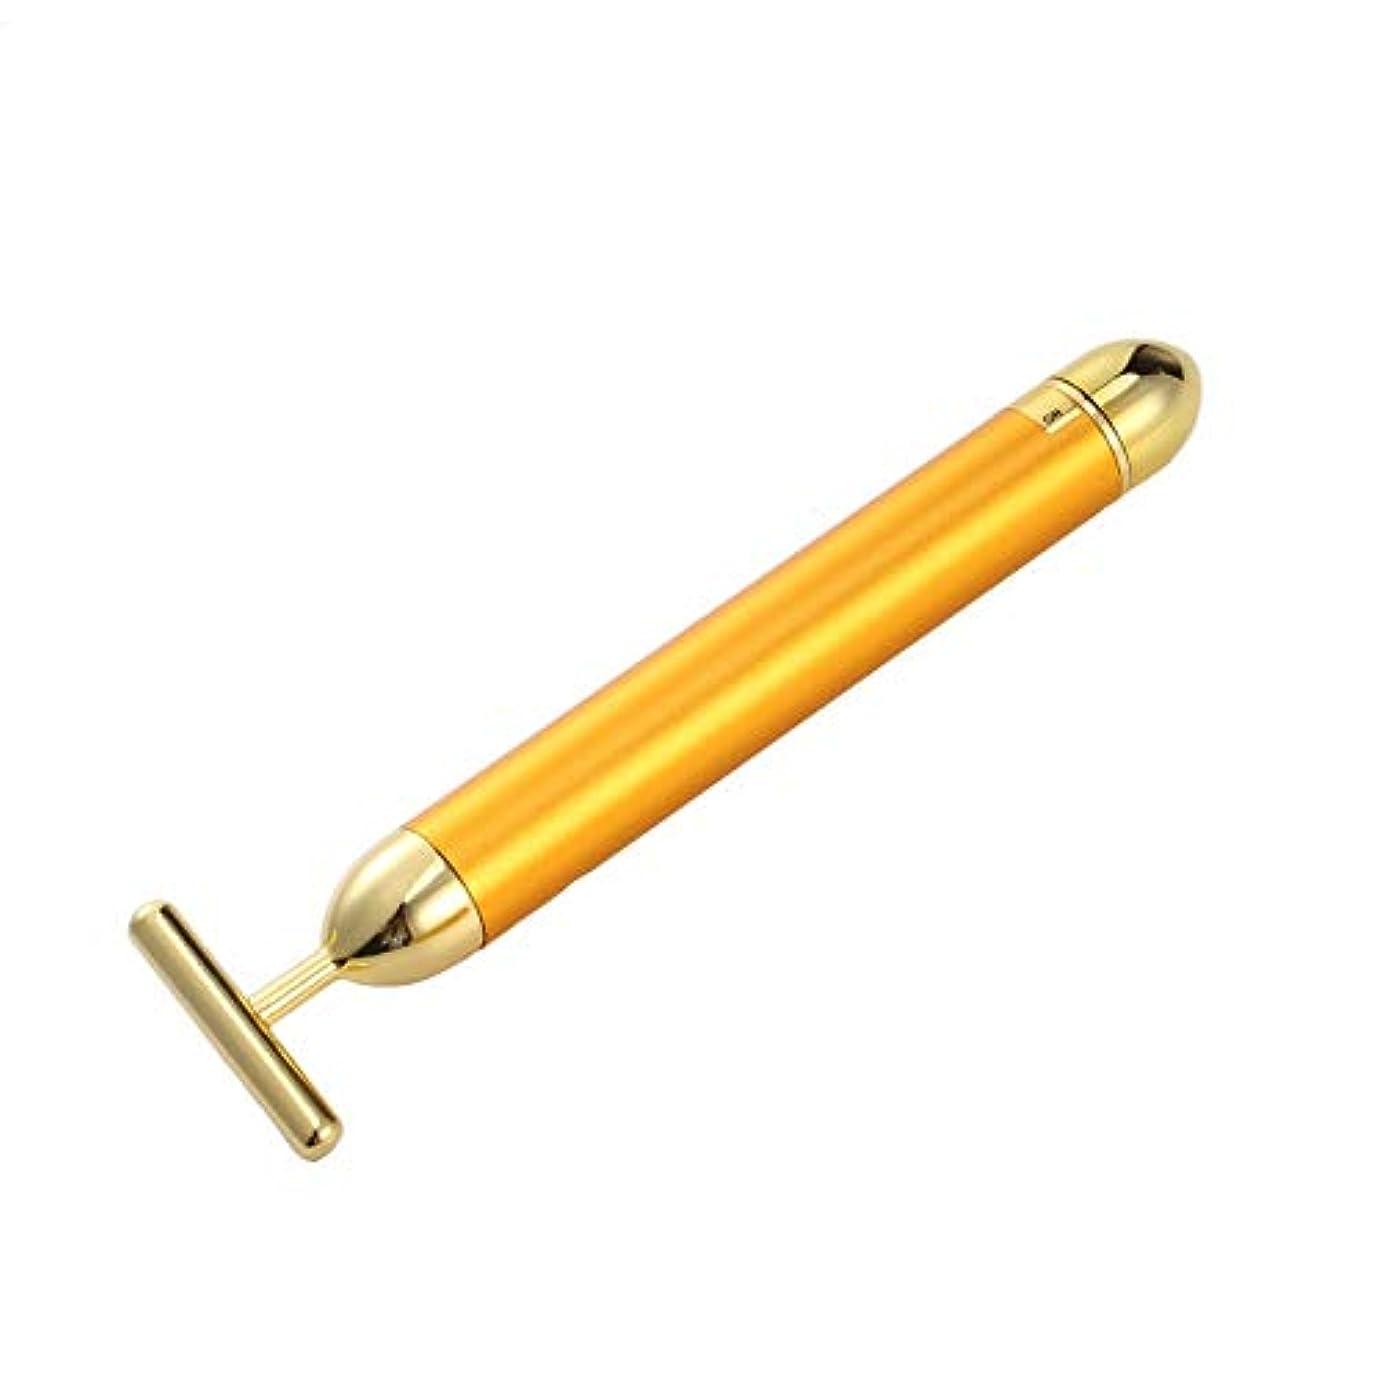 メール成功ワーカーHello 金の延べ棒24K電気金の美の薄い顔棒家庭用振動T型の表面の器械の美の器械 (Color : Golden)